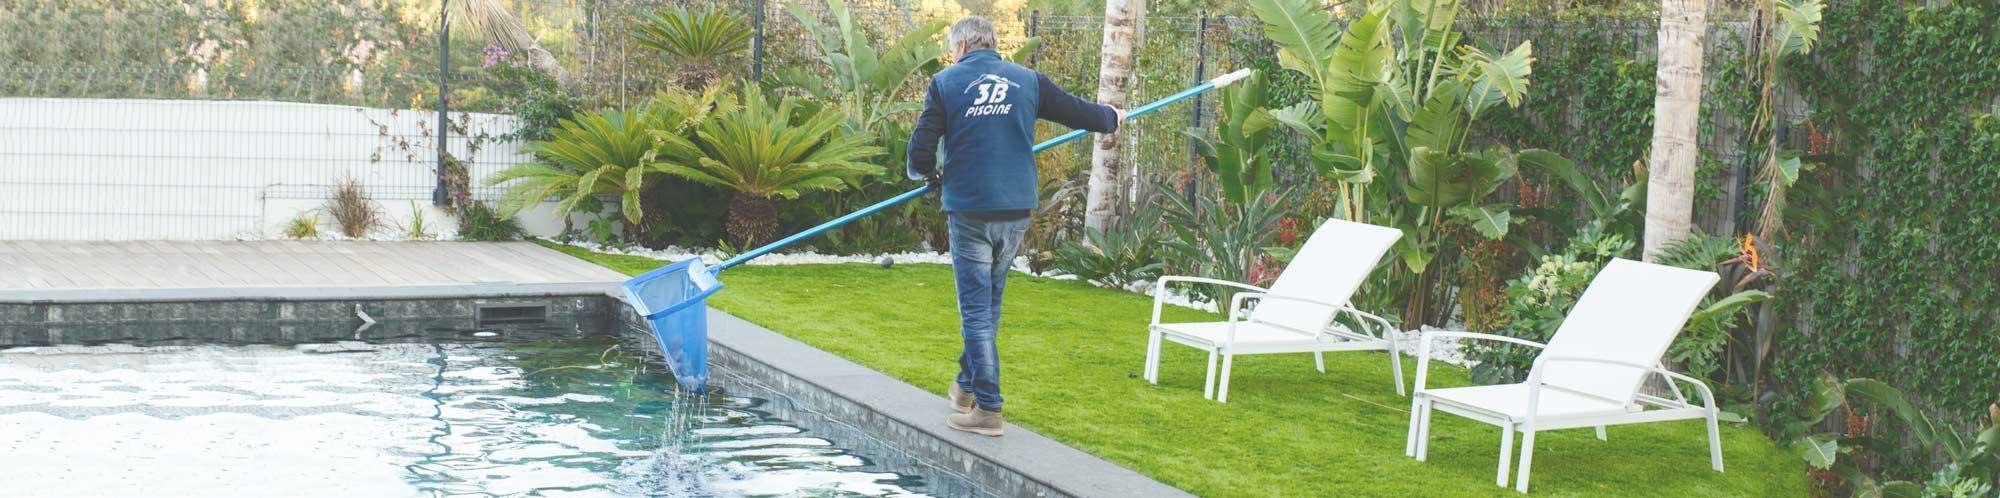 nettoyage et entretien de piscine par pisciniste spécialisé aux issambres, ste maxime et le plan de la tour